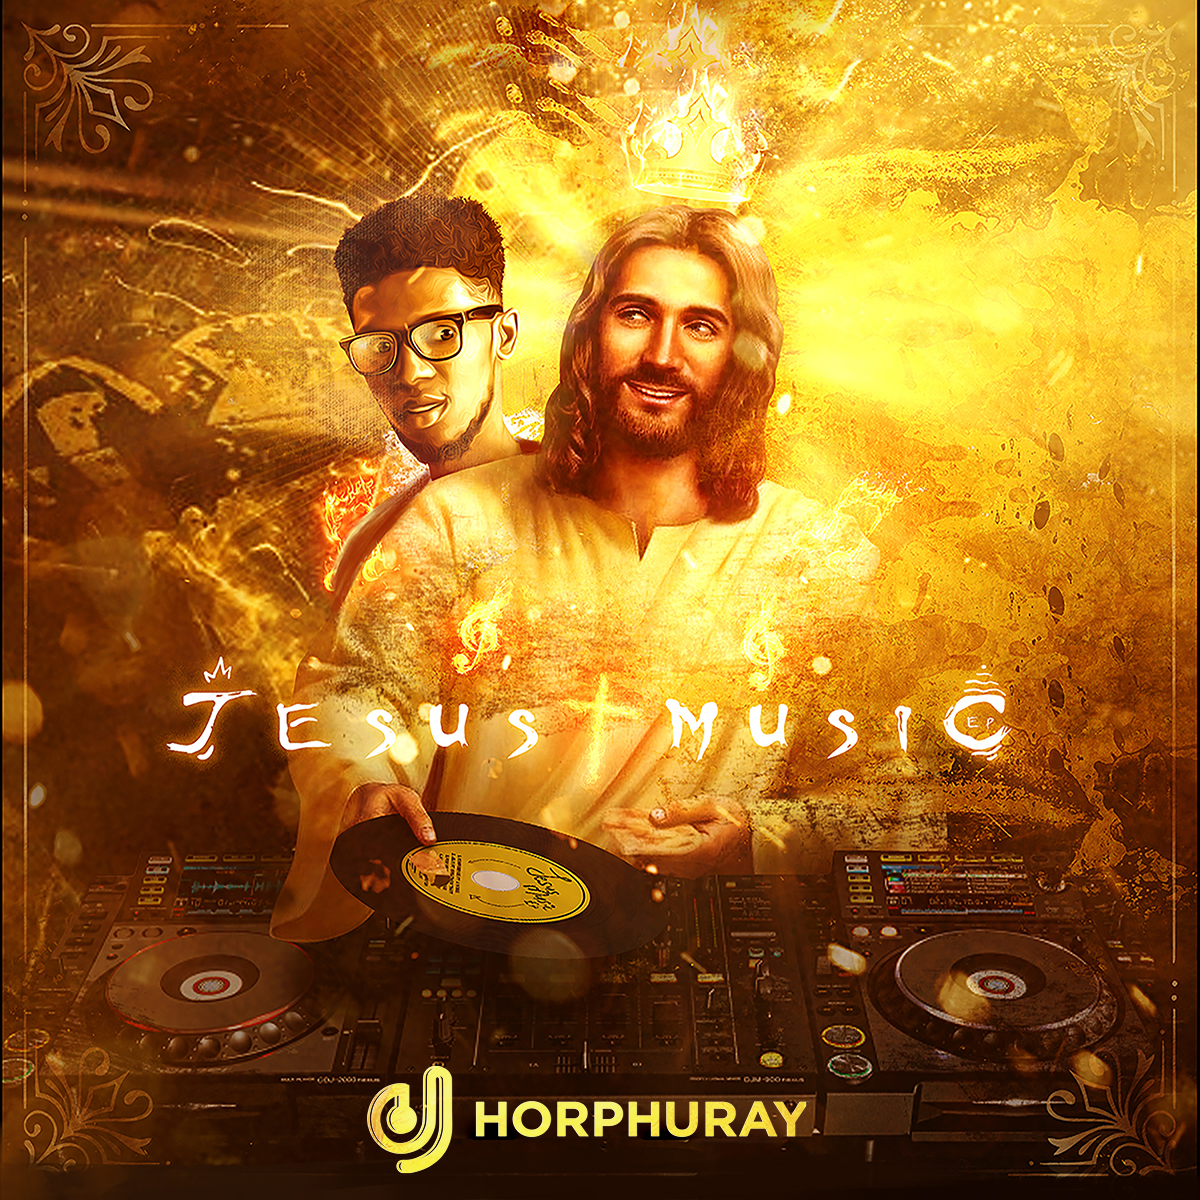 Dj Horphuray - Jesus Music